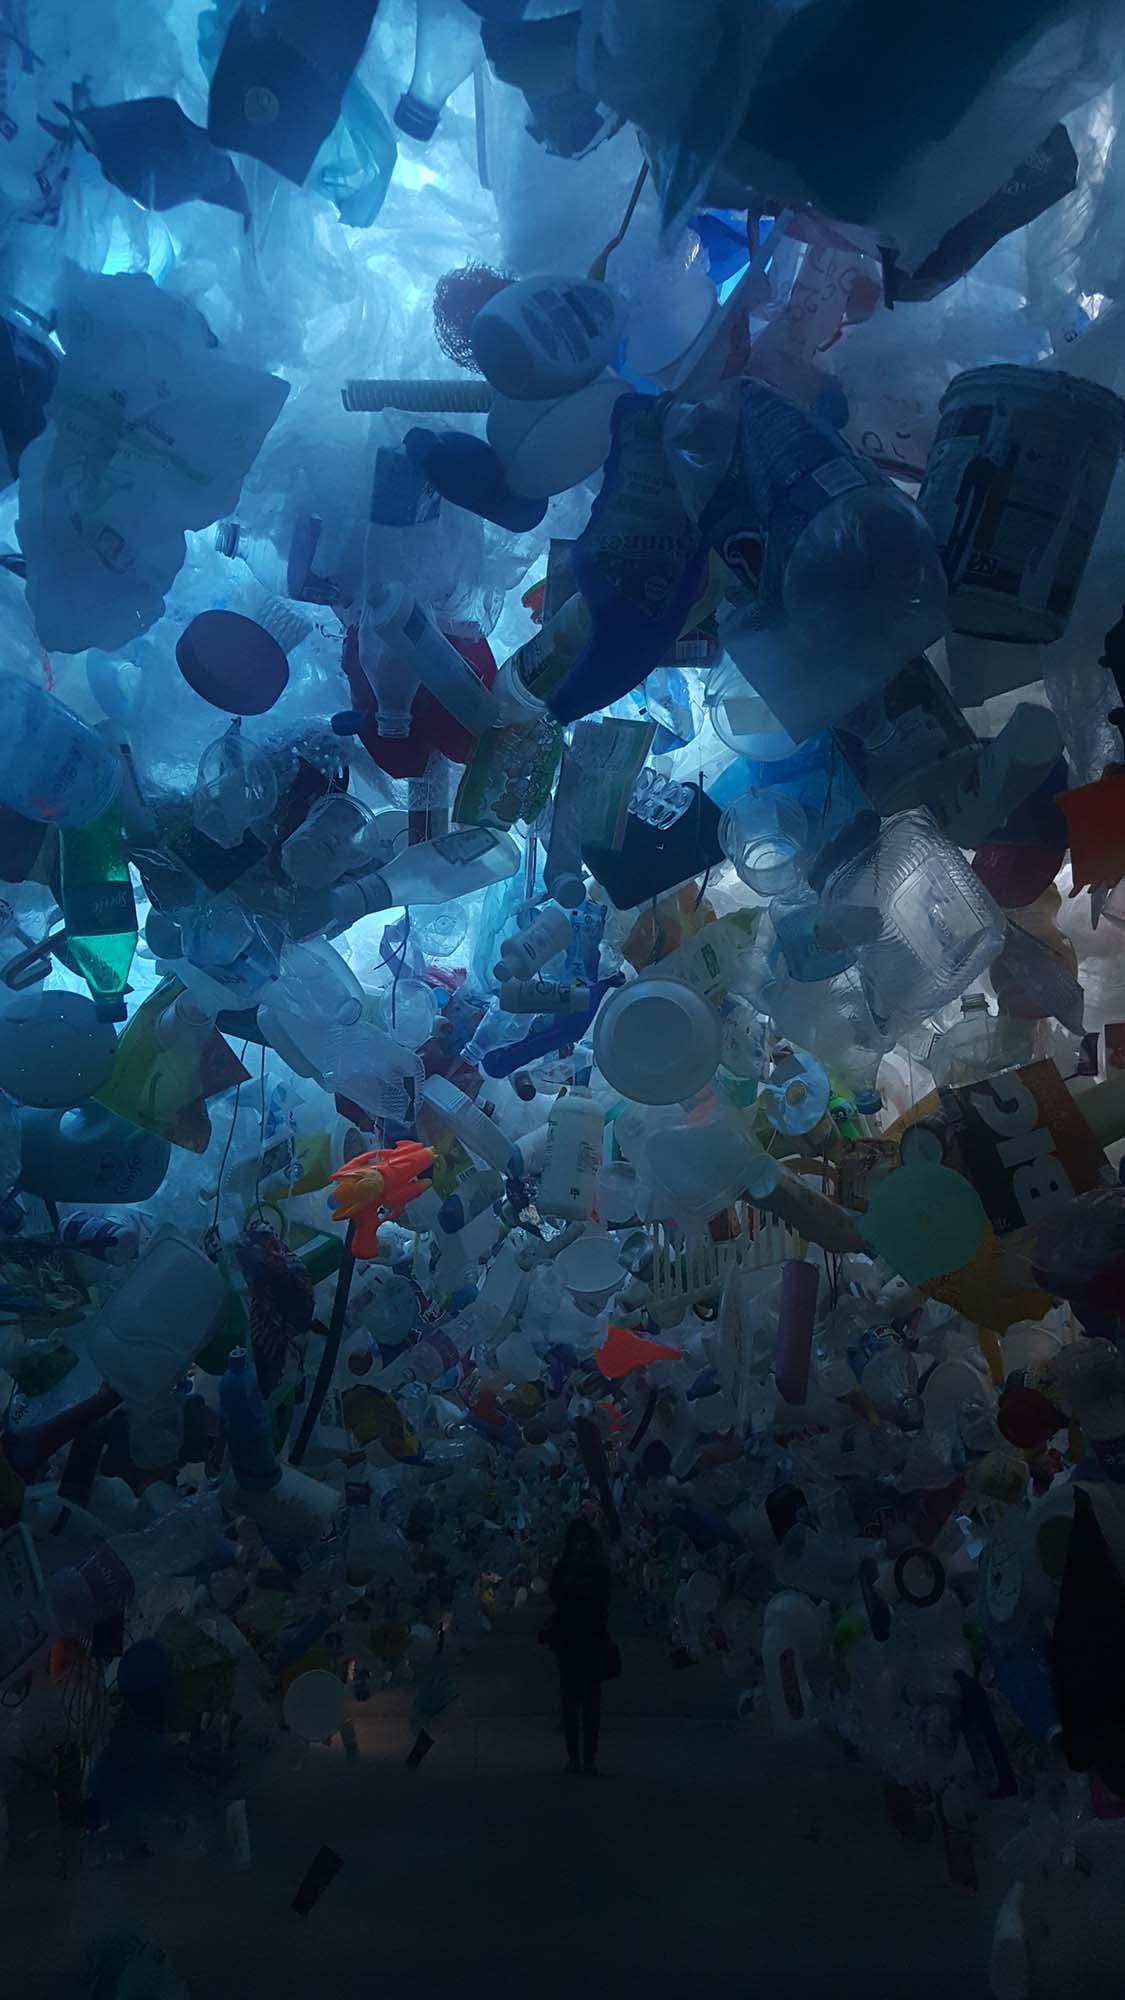 A plastic's abandoned life